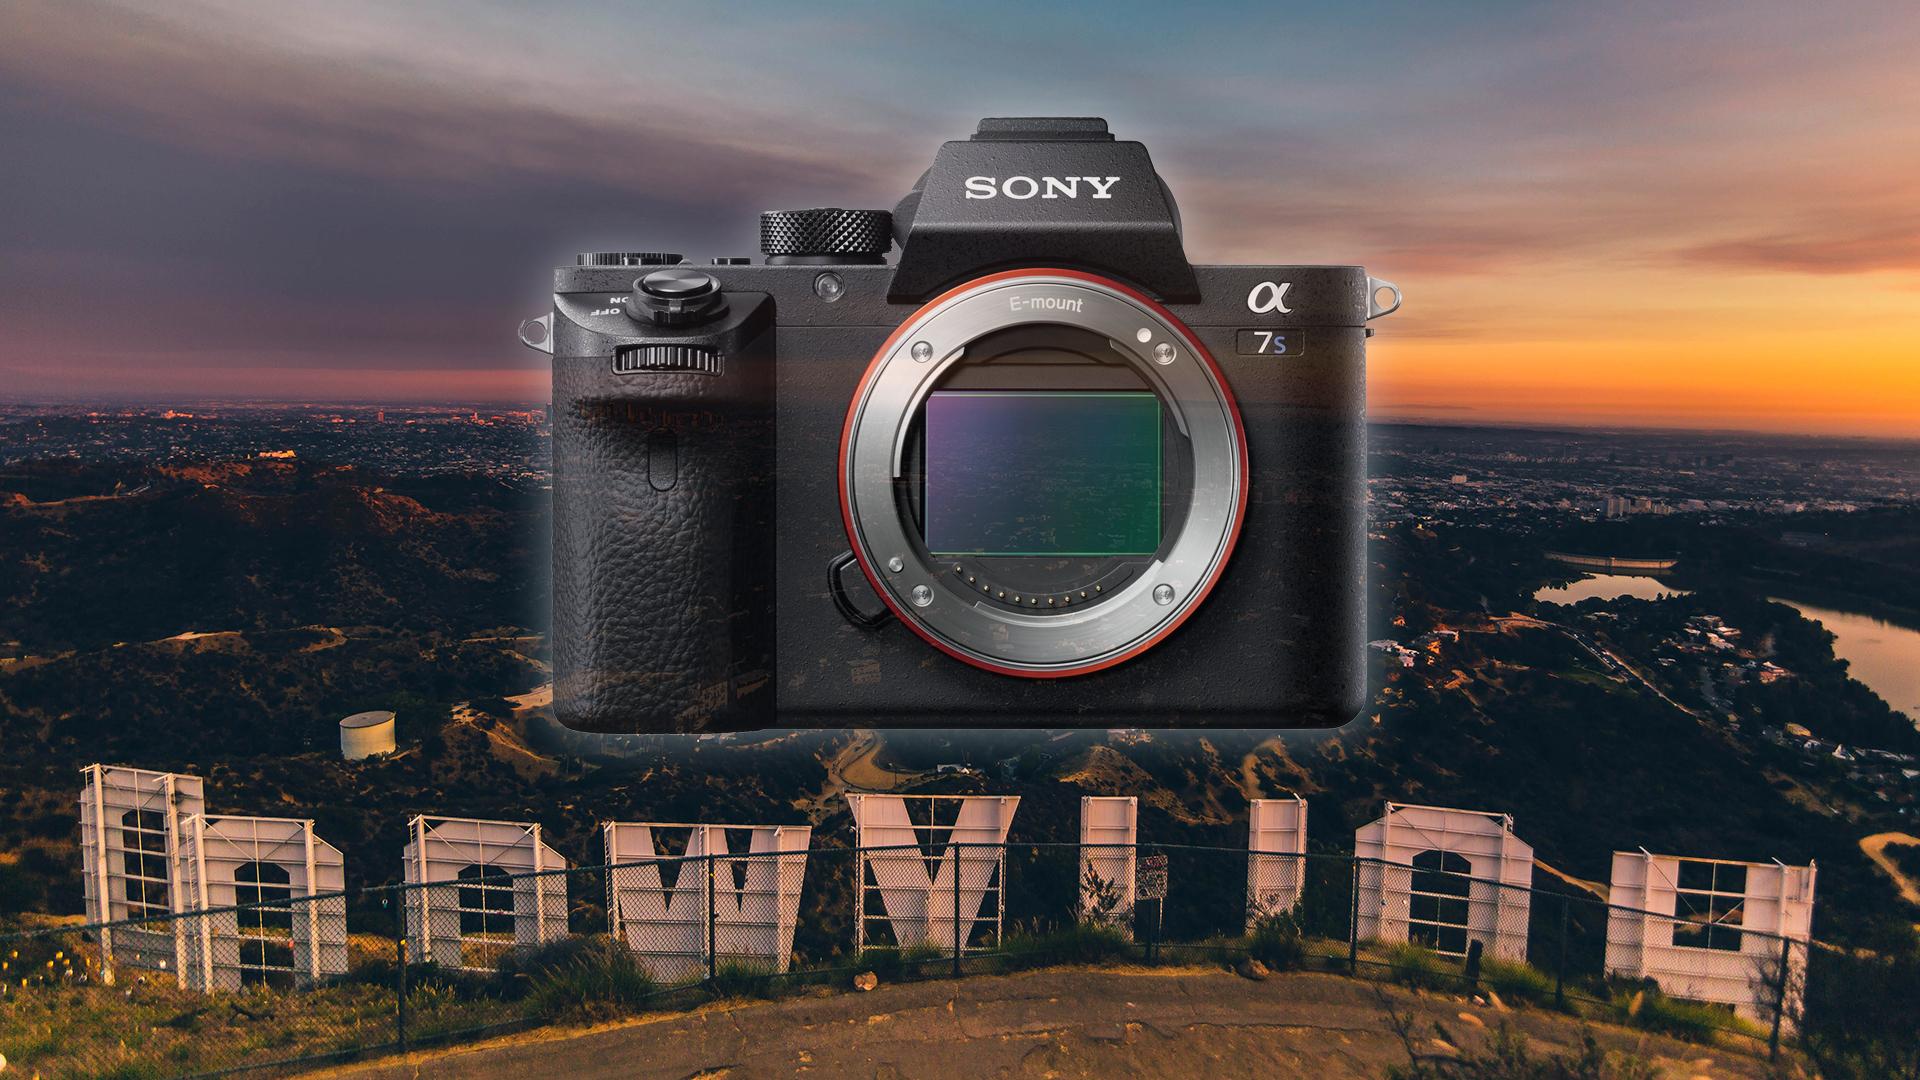 Esta película de Hollywood fue filmada íntegramente con una cámara mirrorless Sony a7S II